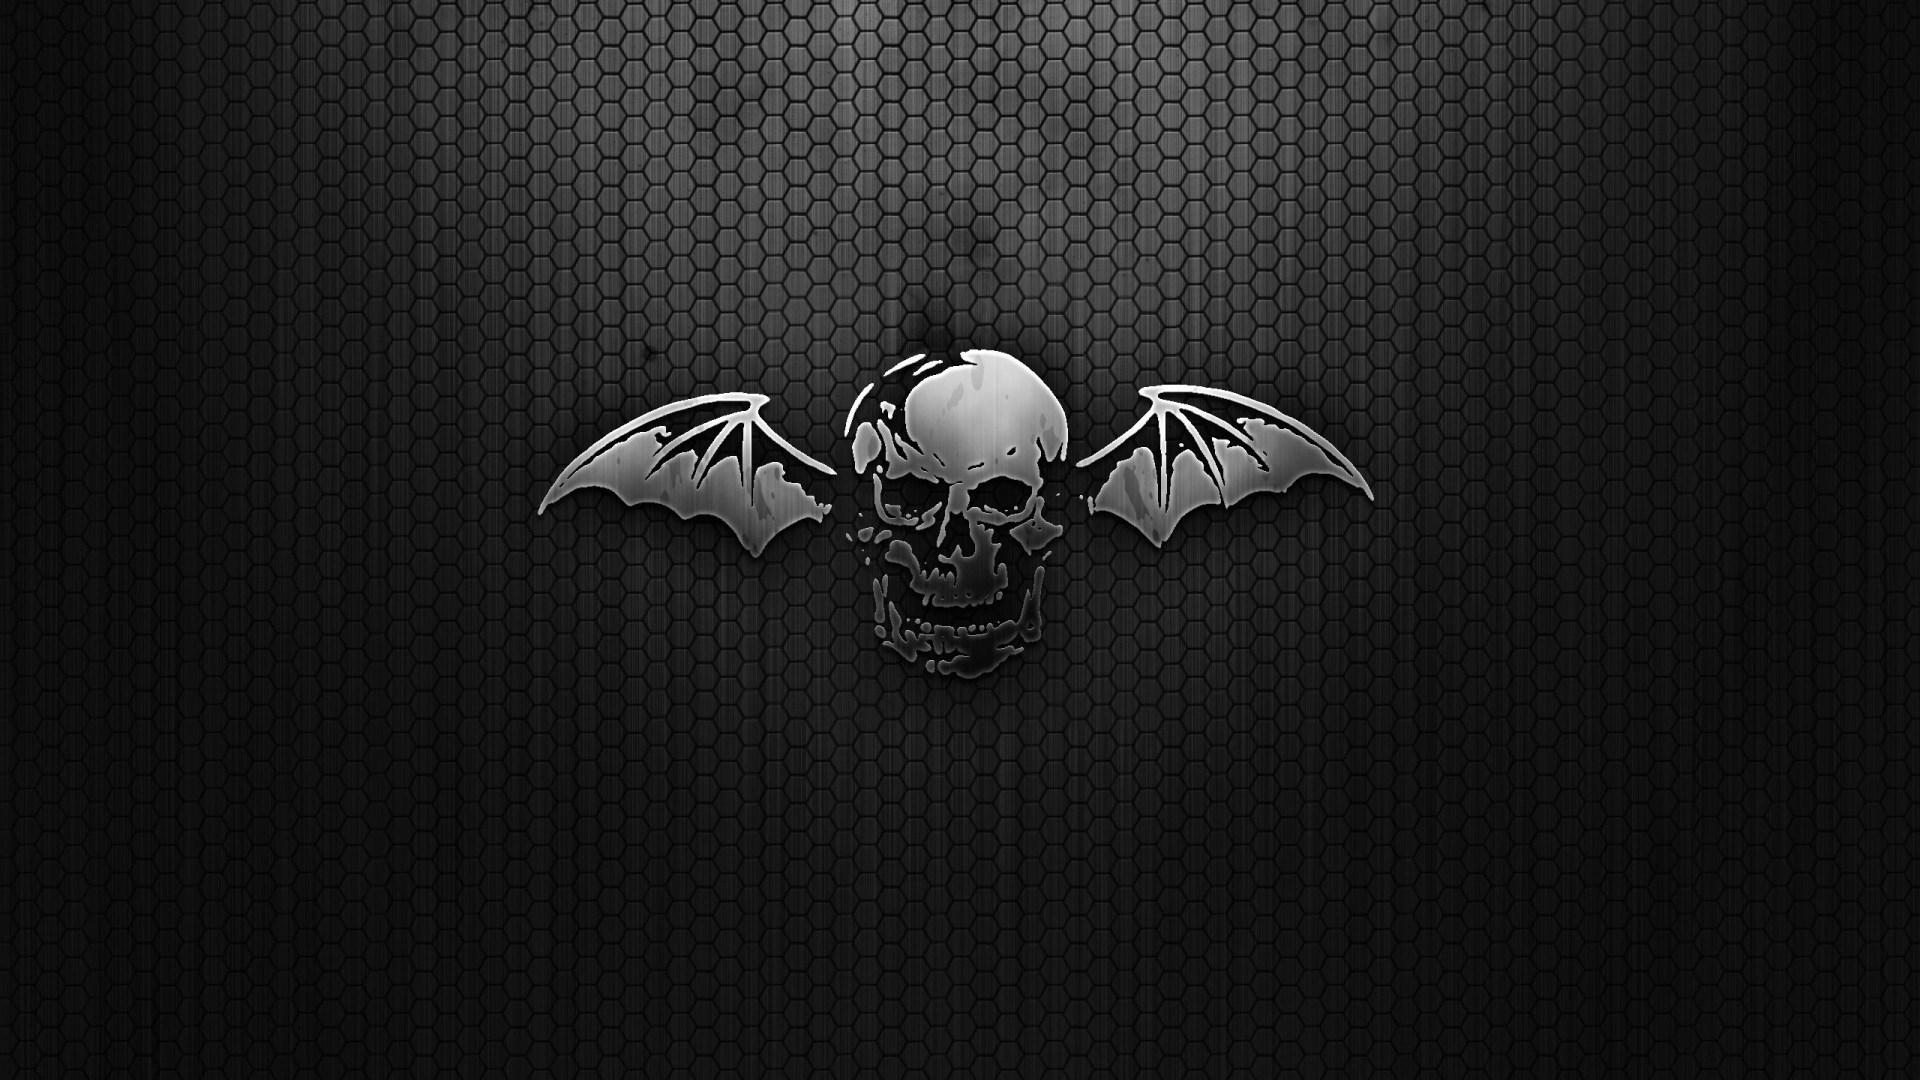 Monster Black Wallpaper